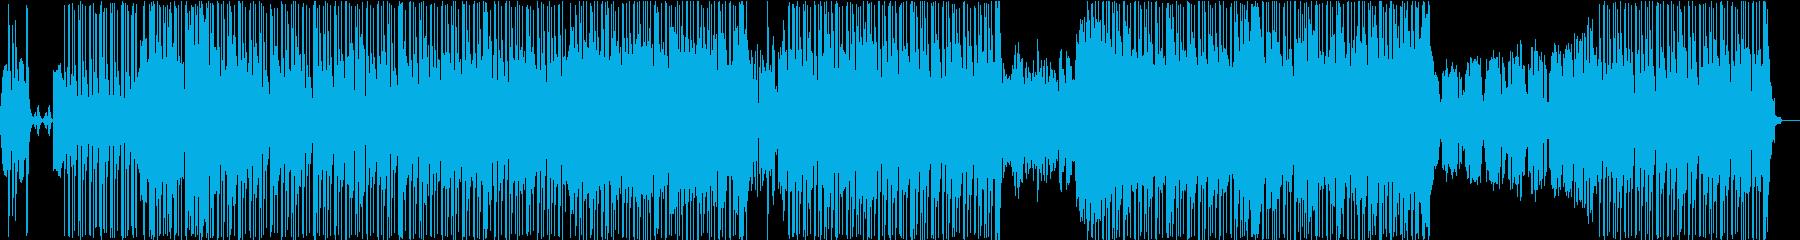 ポップ、男性ボーカル。滑らかで滑ら...の再生済みの波形